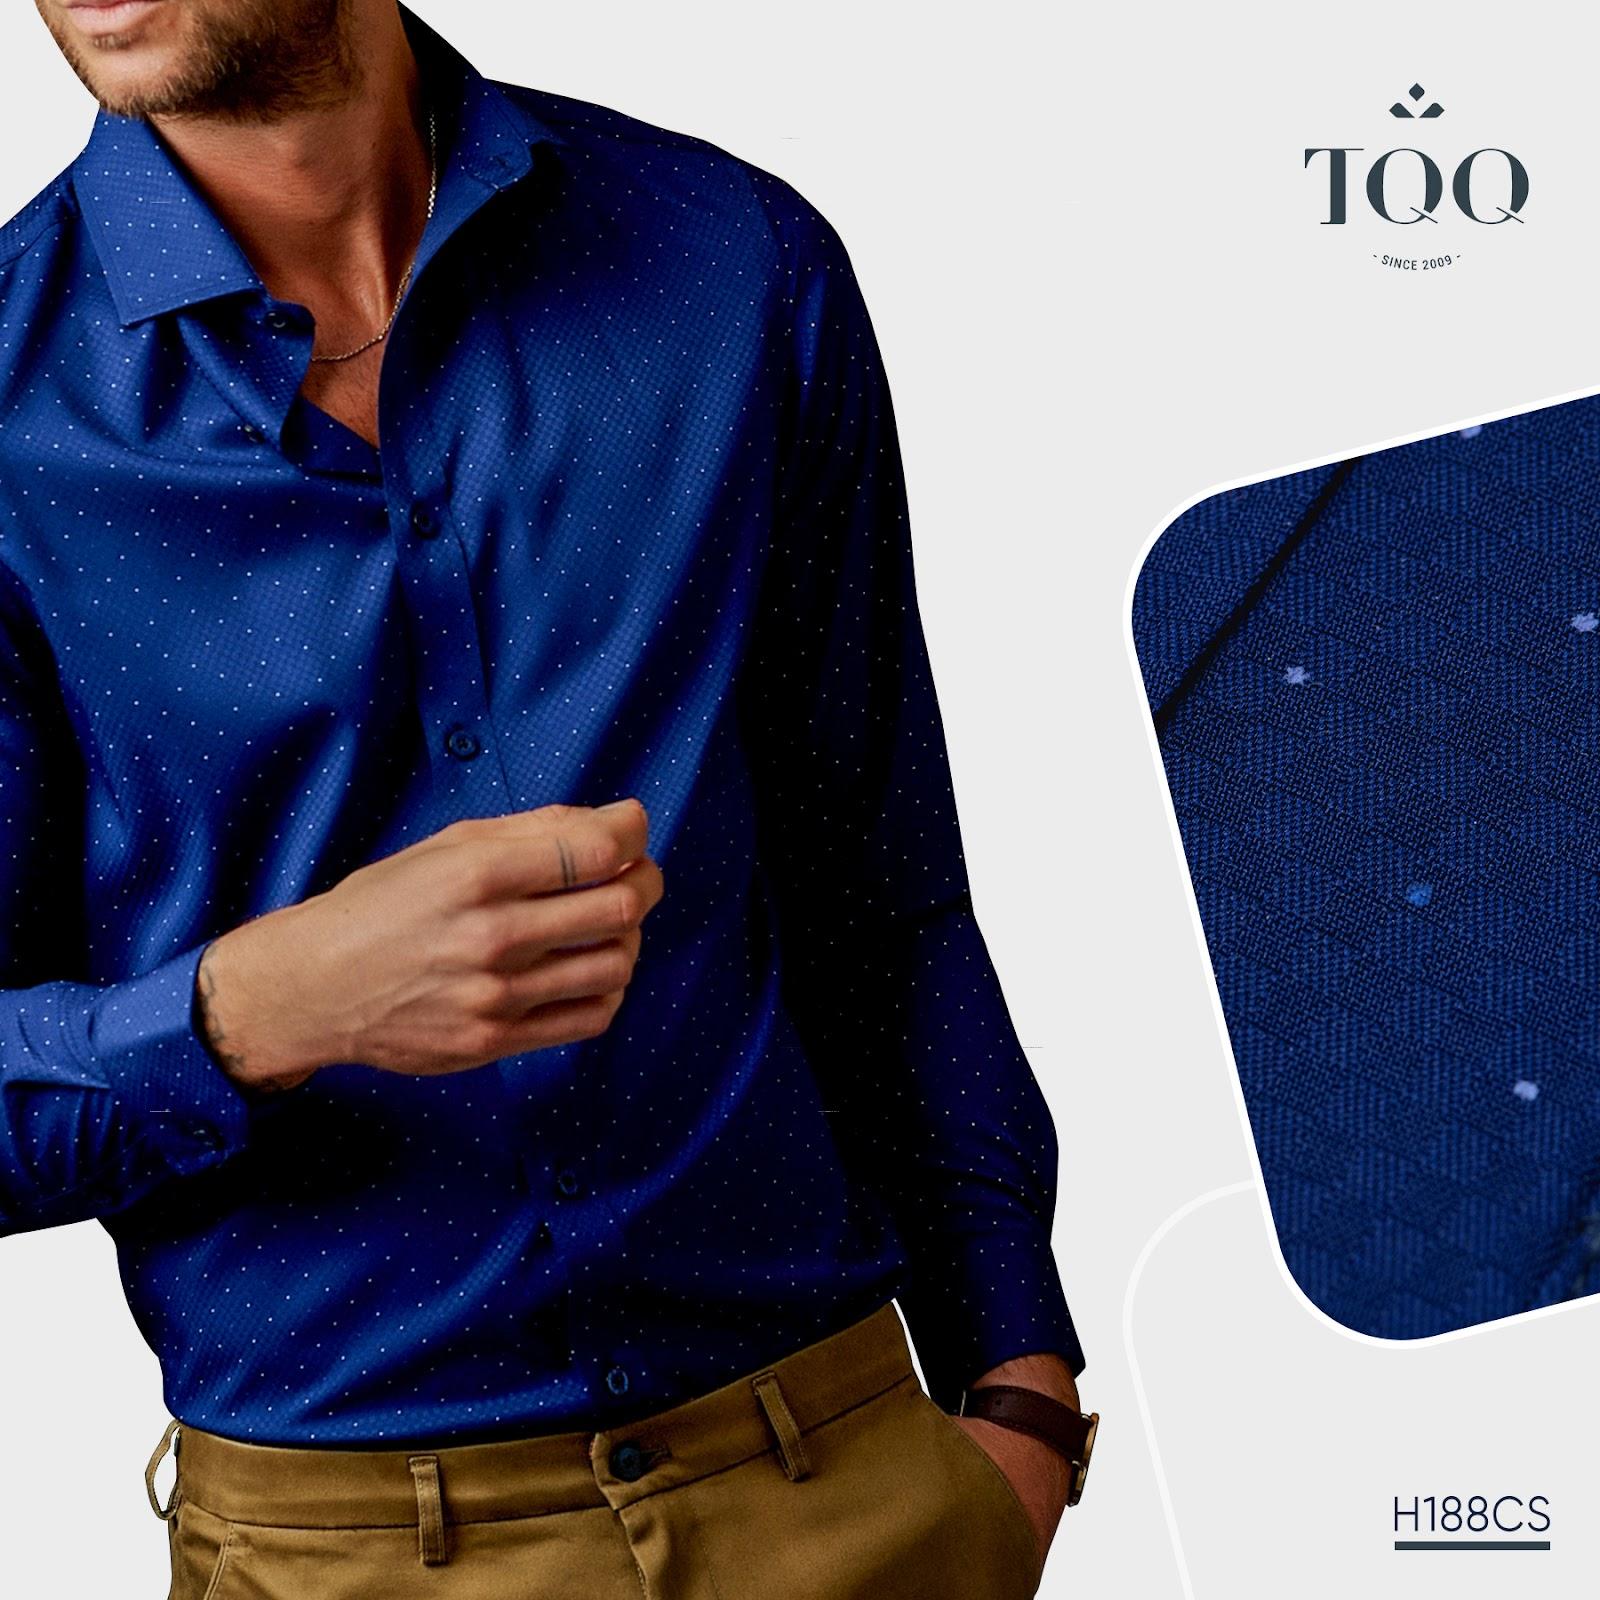 Đơn giản và thanh lịch là những thiết kế áo sơ mi trong bộ sưu tập Men in Blue